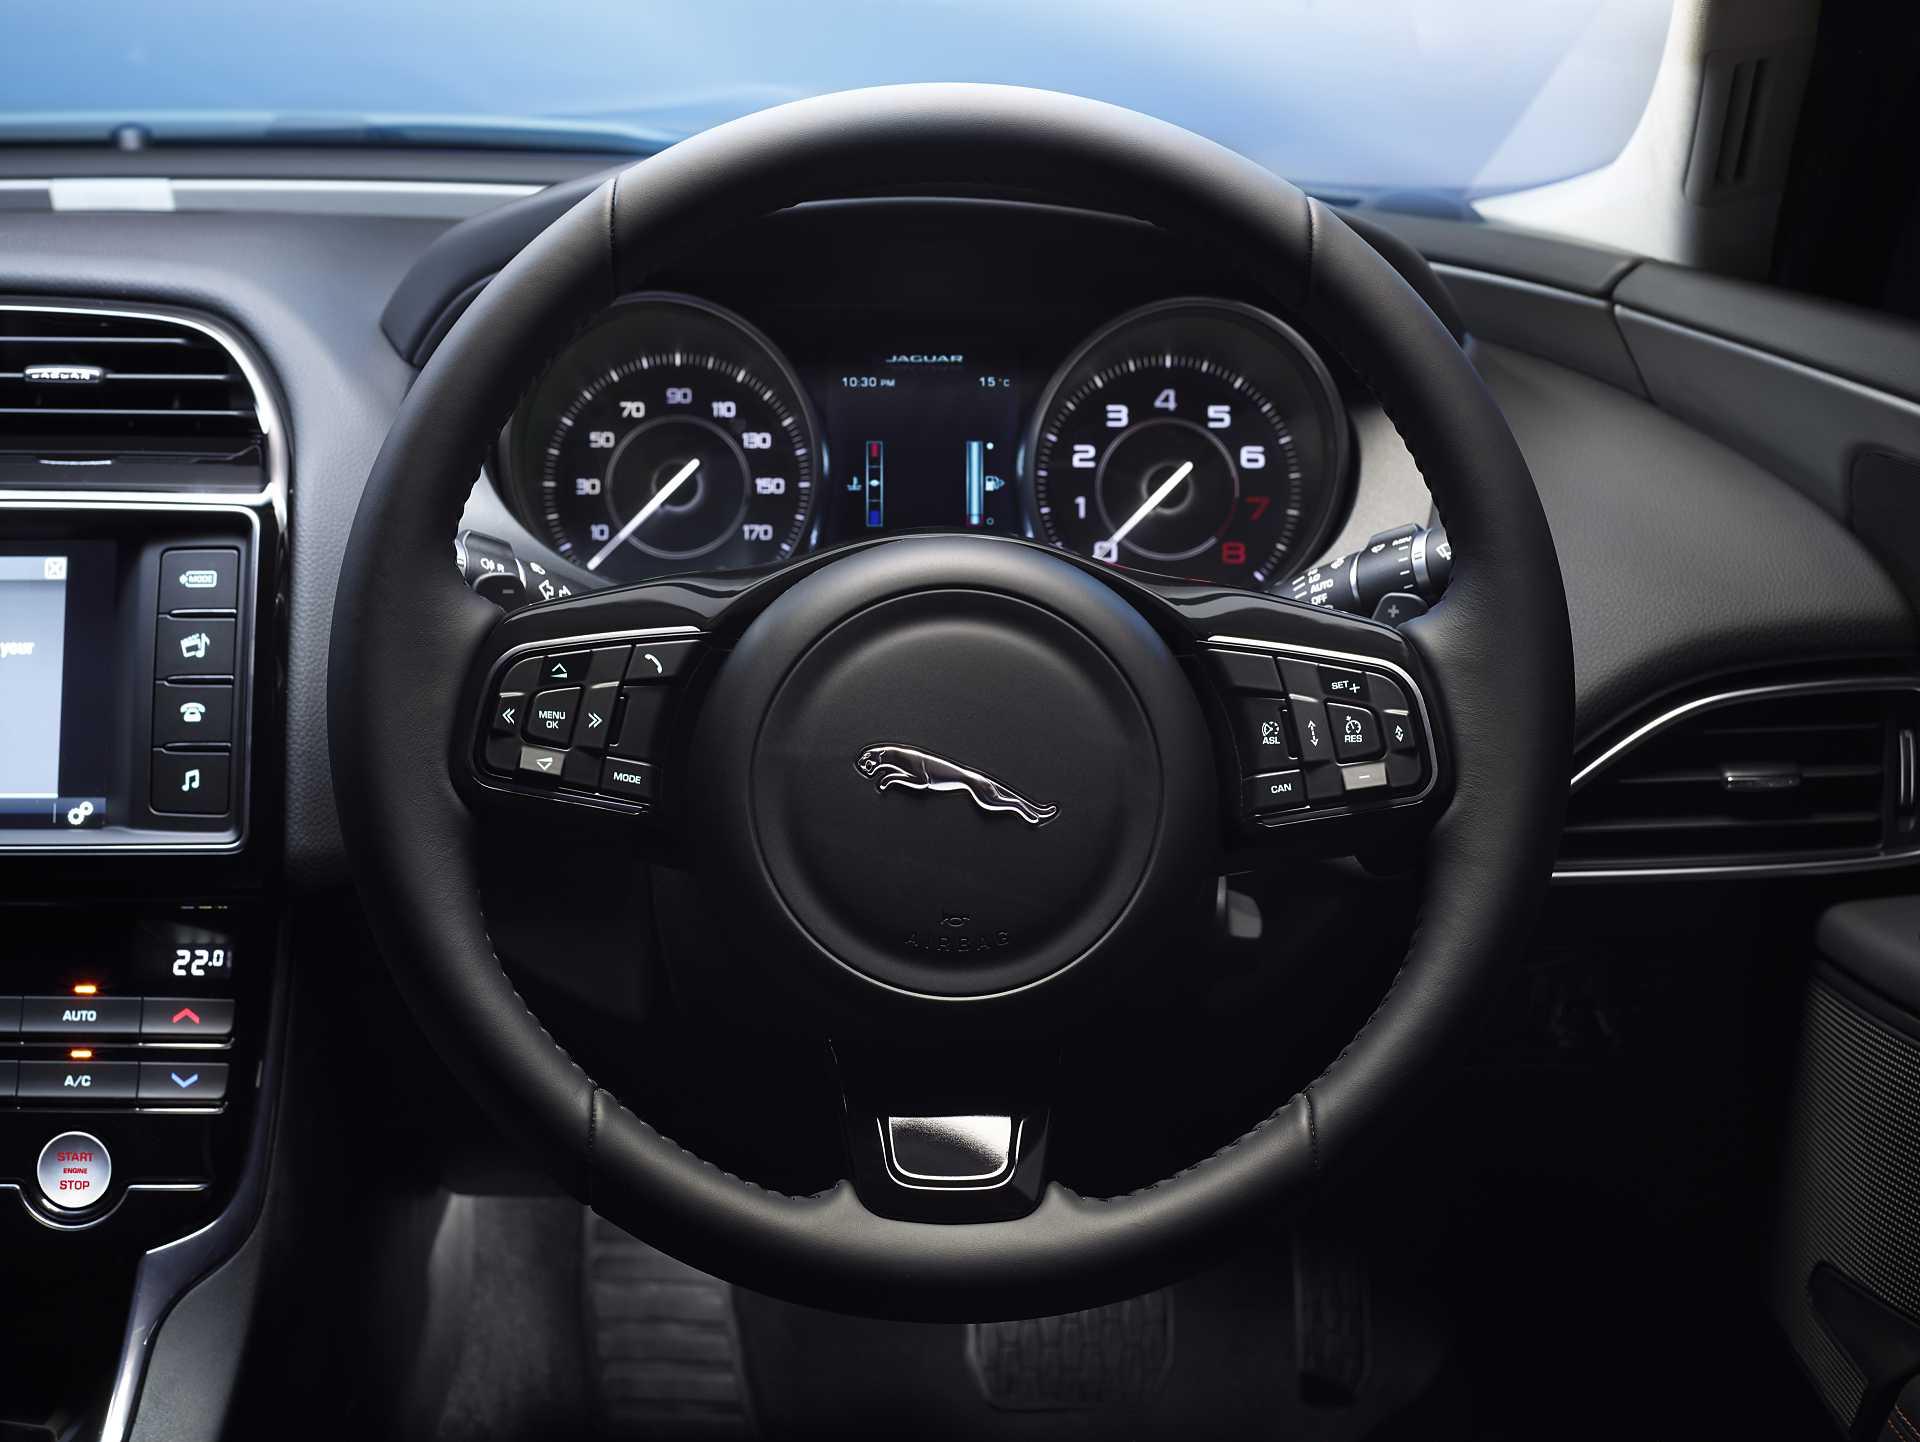 Jaguar XE 20t 2.0 Automatic, 200hp, 2015